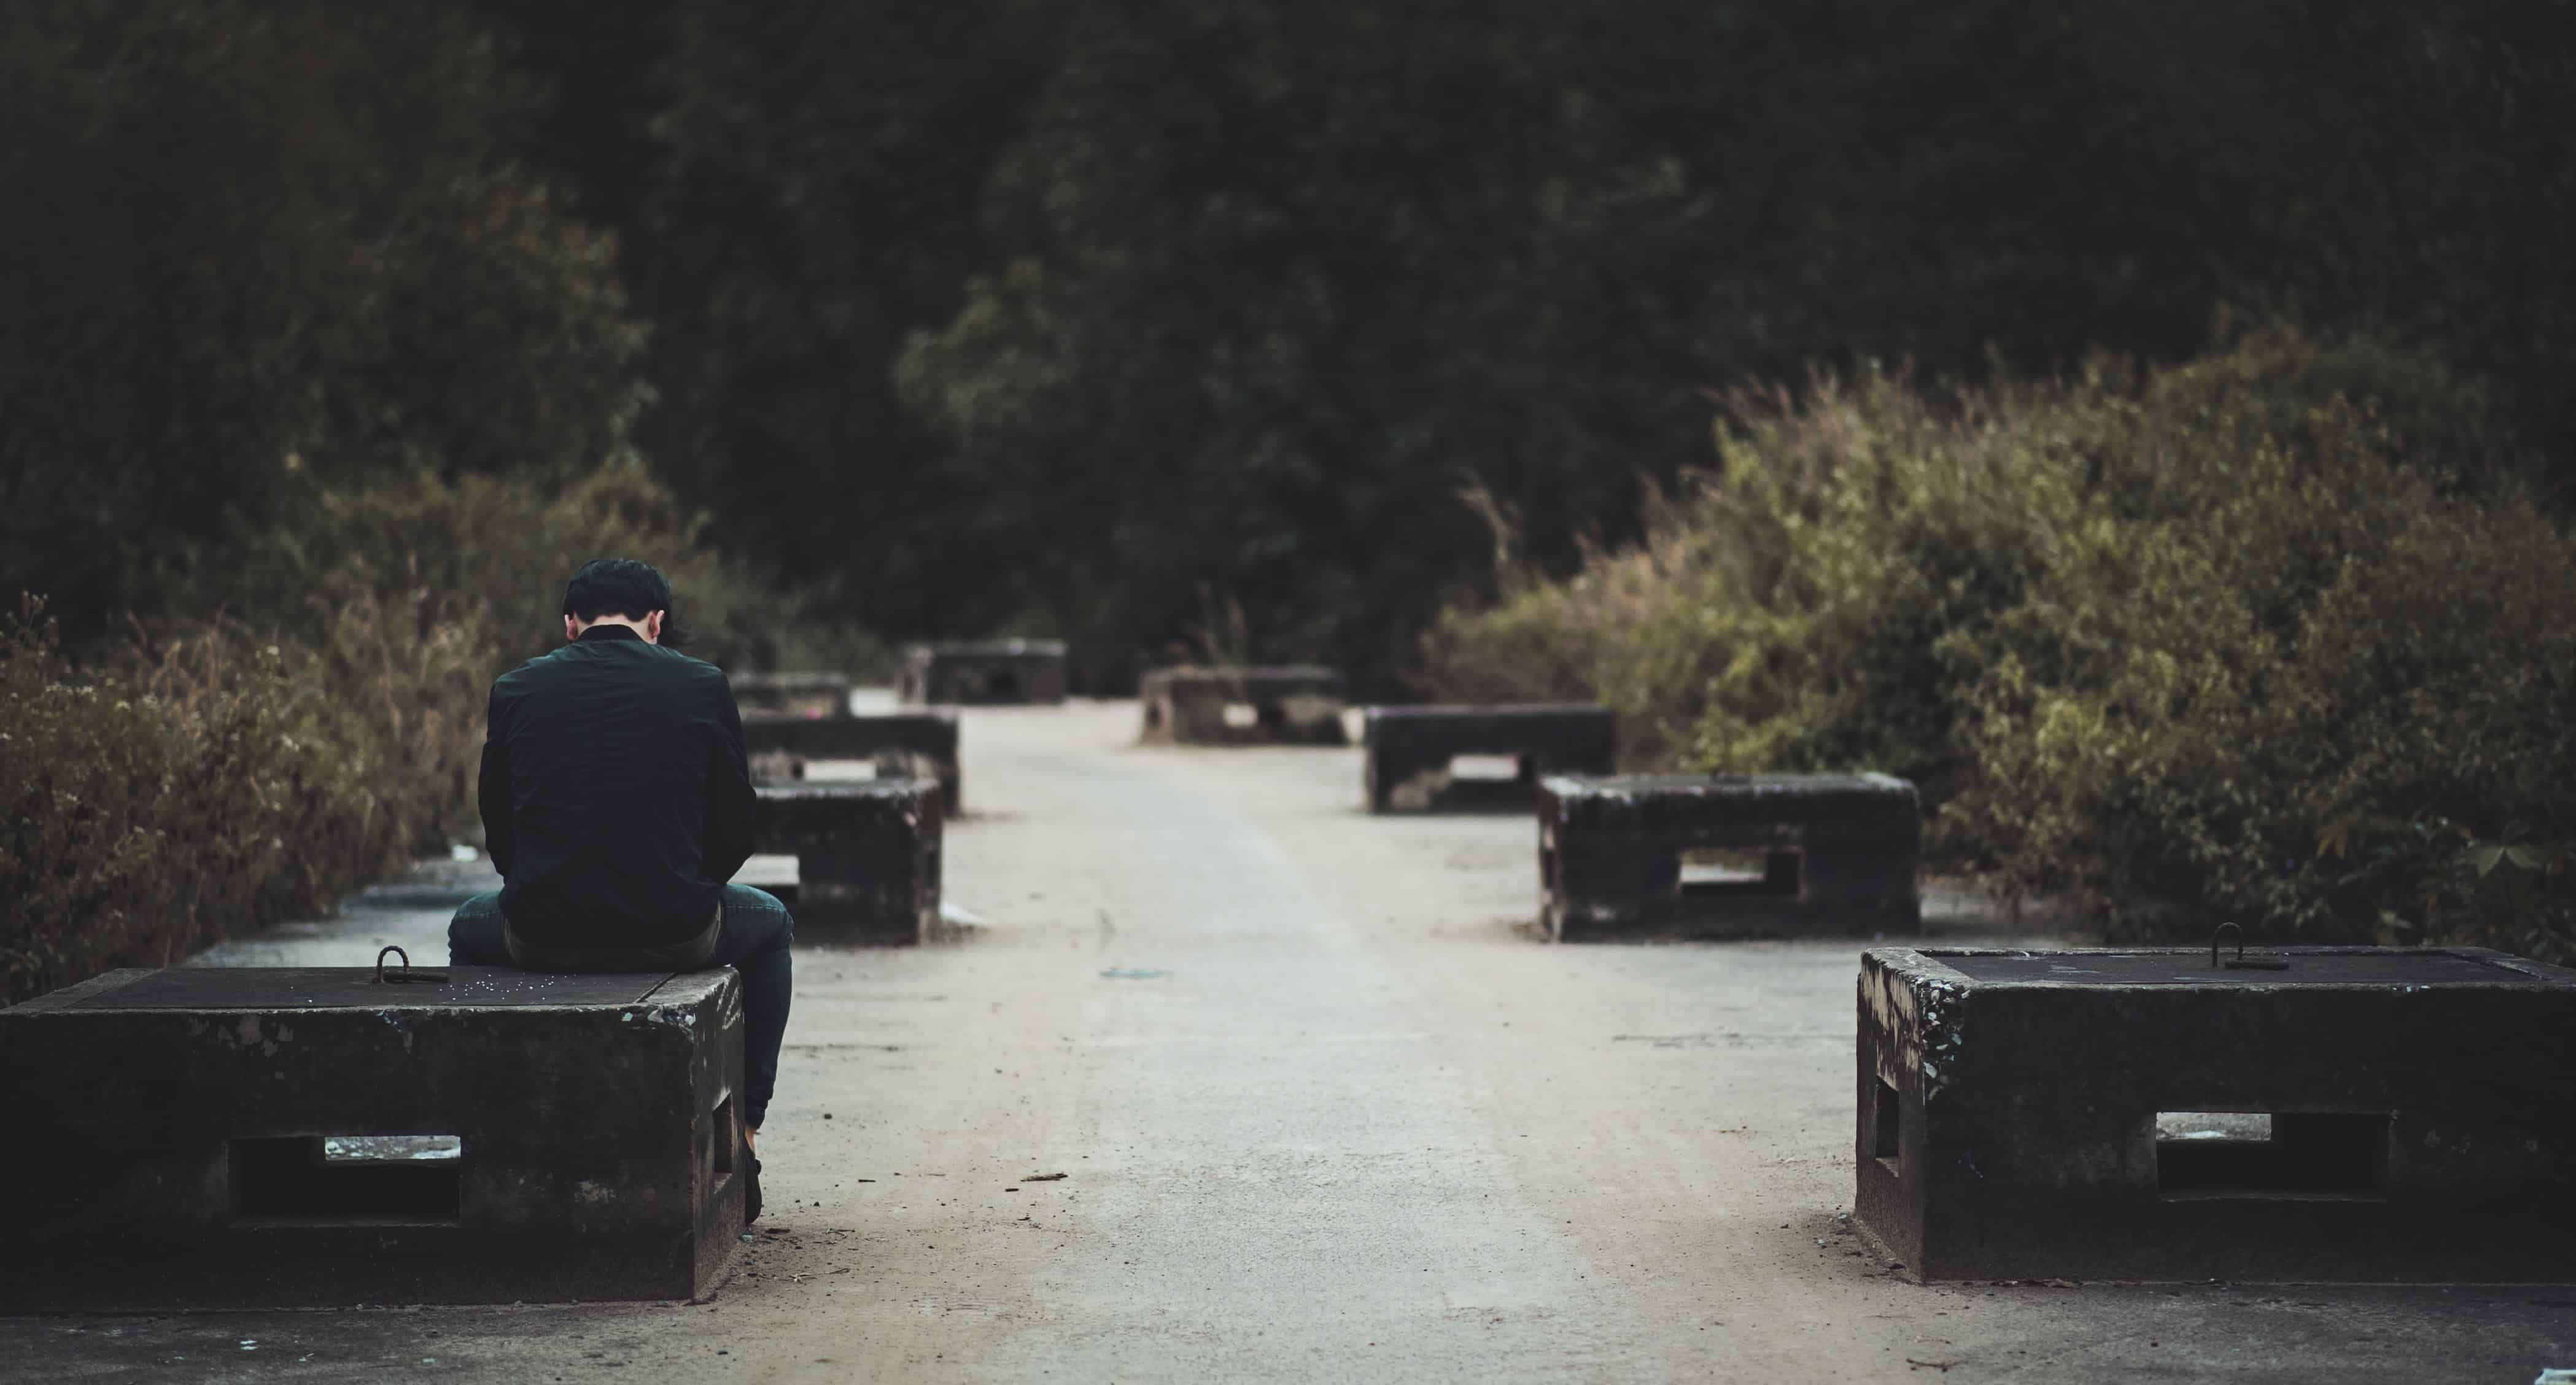 Junge sitzt traurig auf Bank